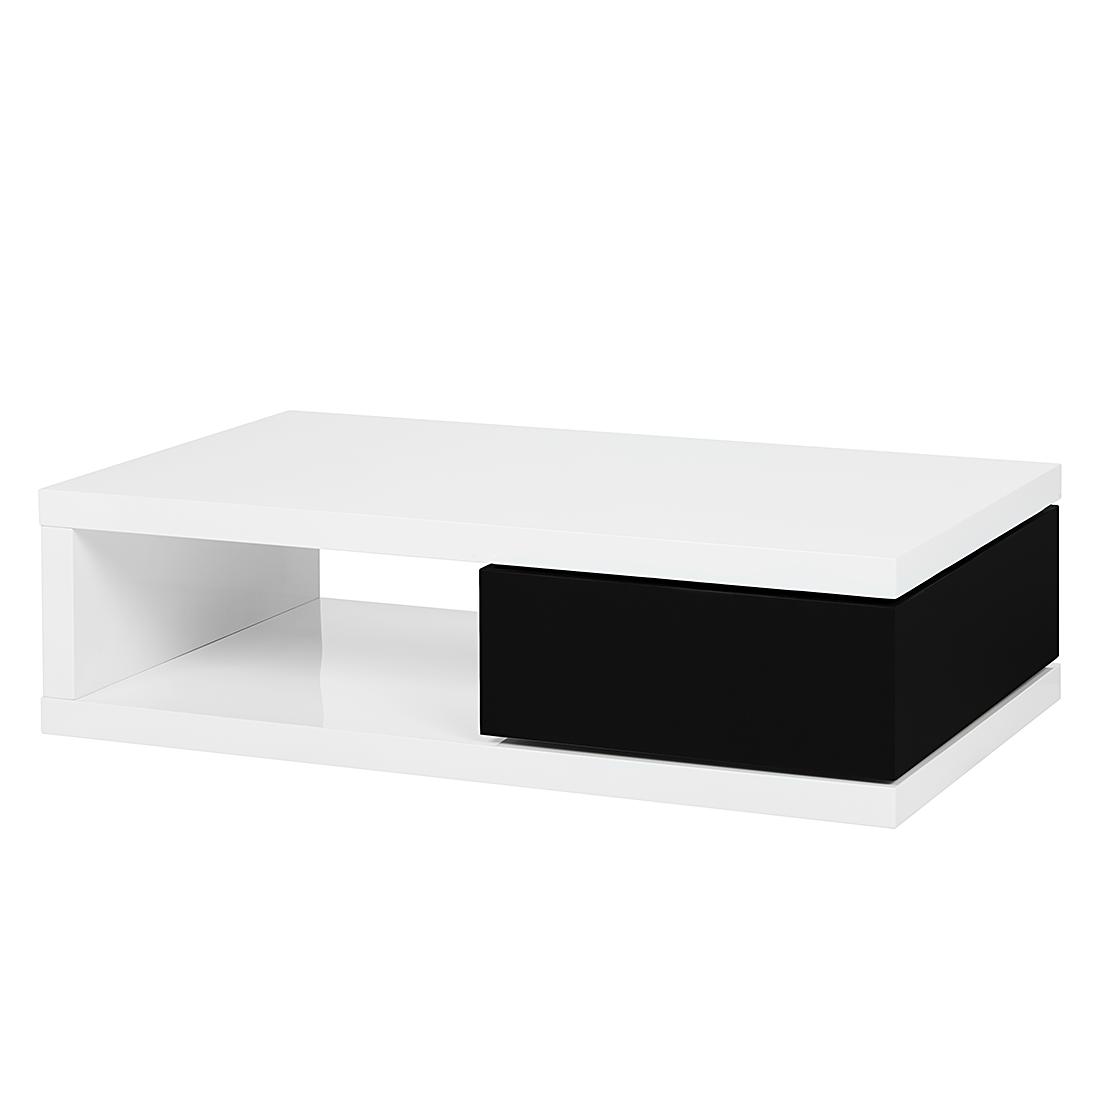 couchtisch schublade wei schwarz hochglanz wohnzimmer. Black Bedroom Furniture Sets. Home Design Ideas